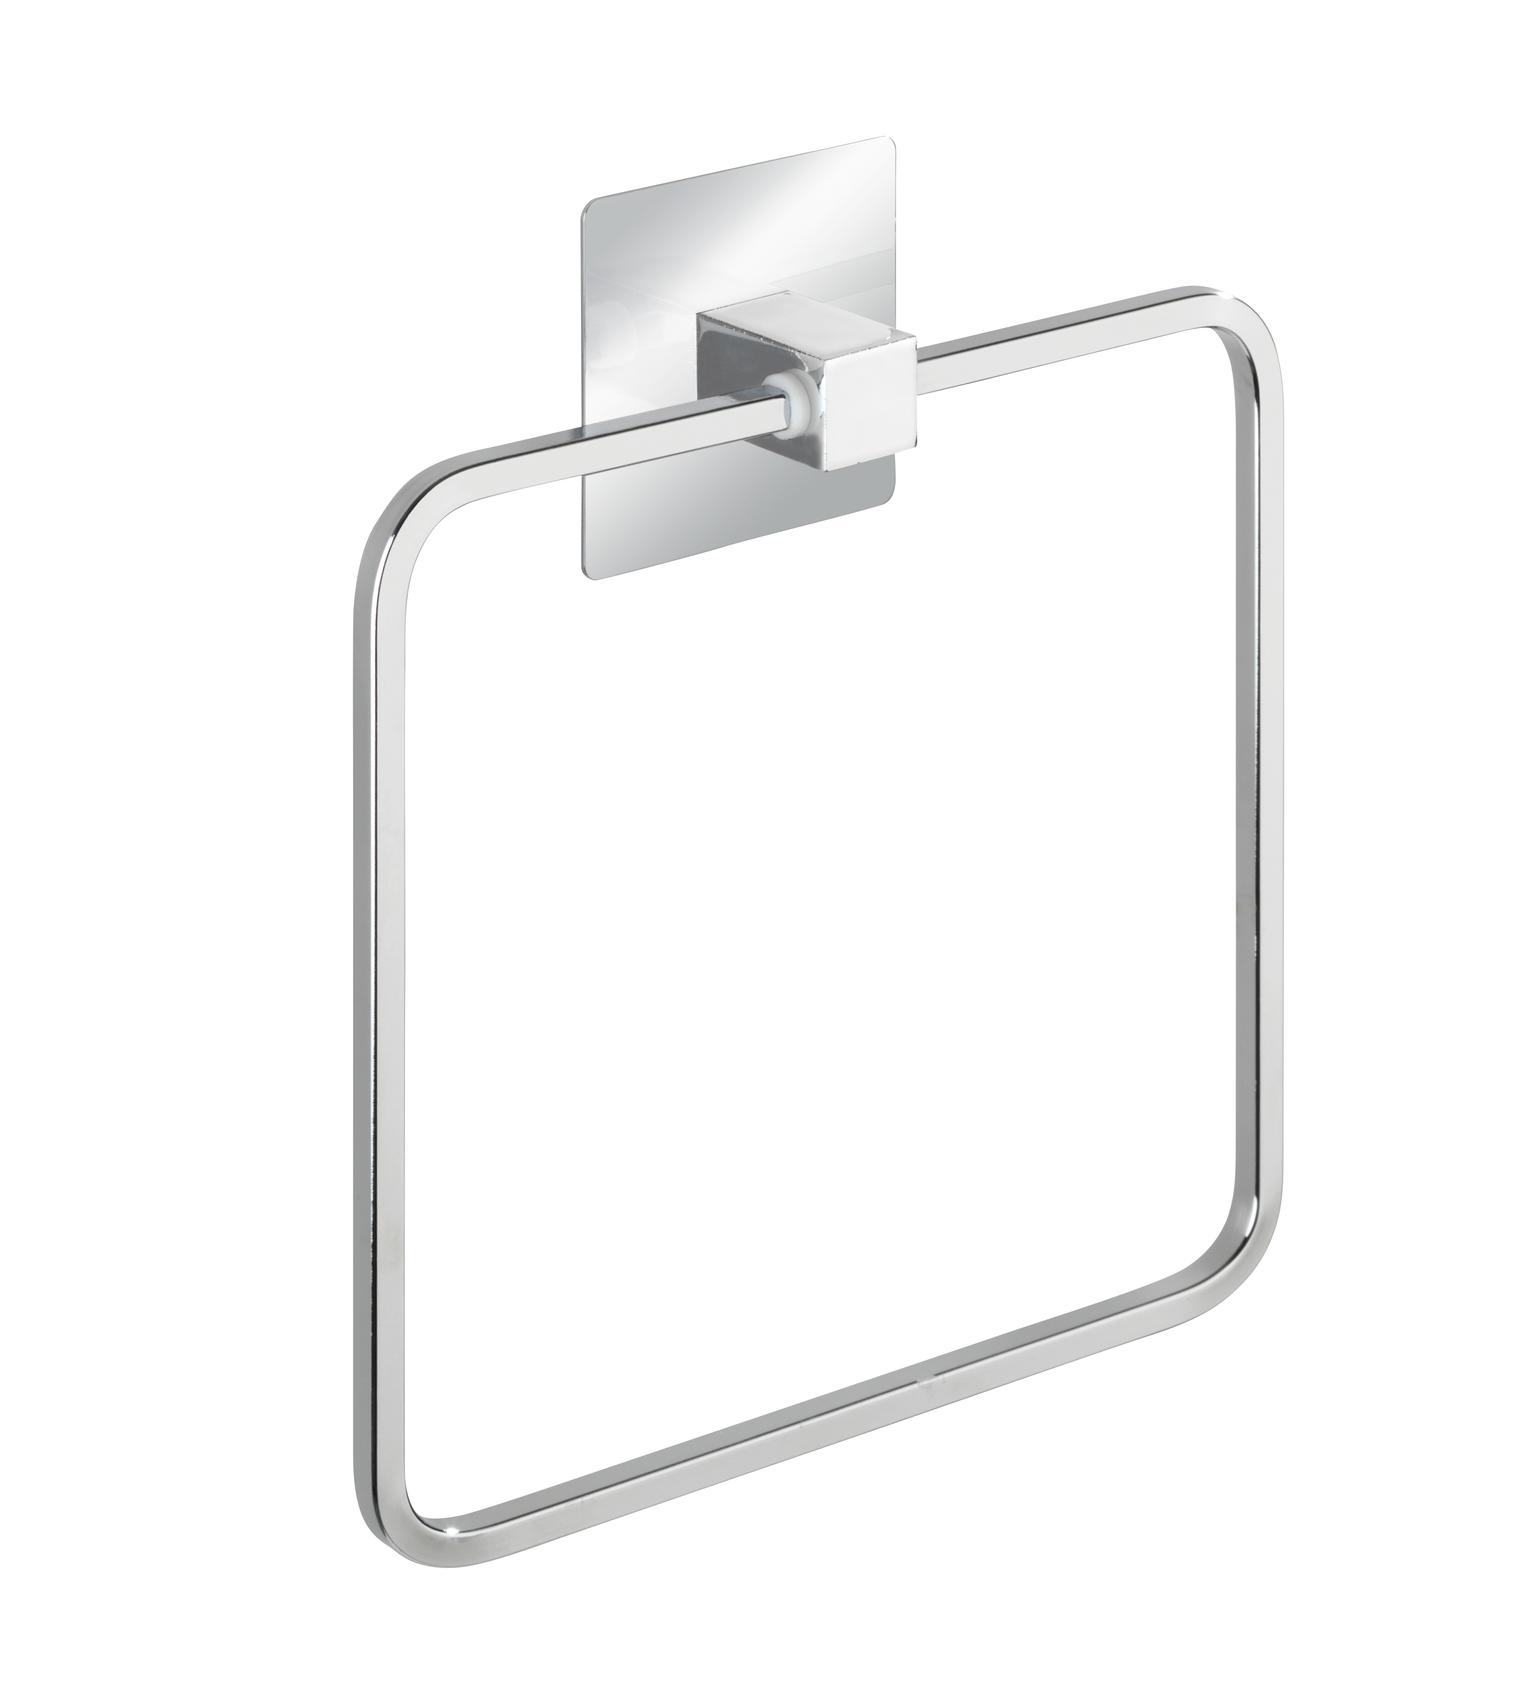 Wenko - Turbo-Loc® Towel Ring Quadro Range - S/Steel